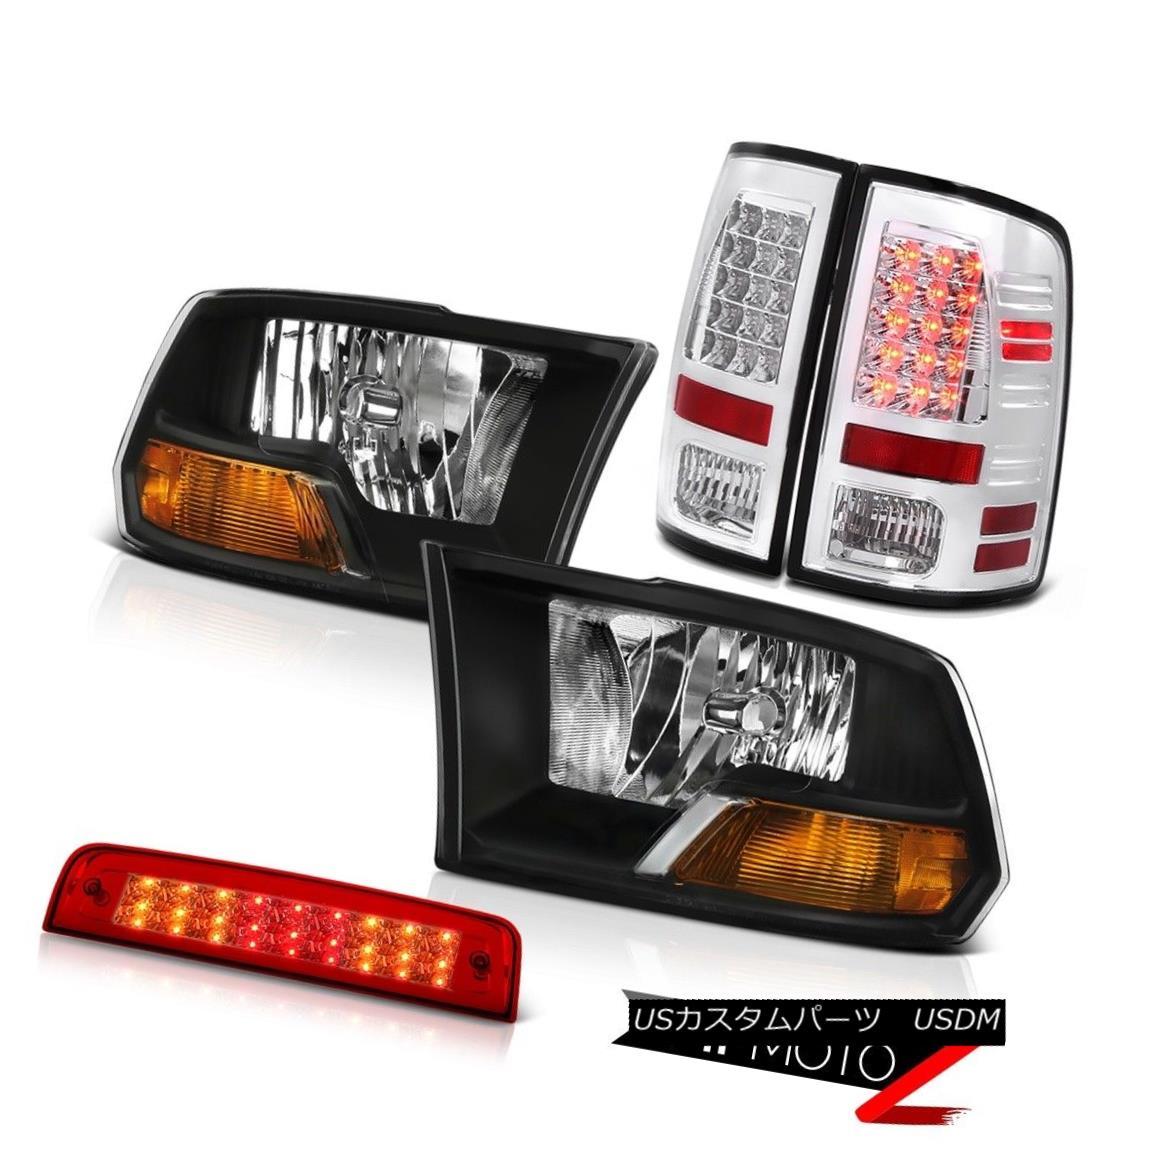 テールライト 09-18 Ram 1500 SLT High Stop Light Clear Chrome Tail Lights Headlights LED SMD 09-18ラム1500 SLTハイストップライトクリアクロームテールライトヘッドライトLED SMD